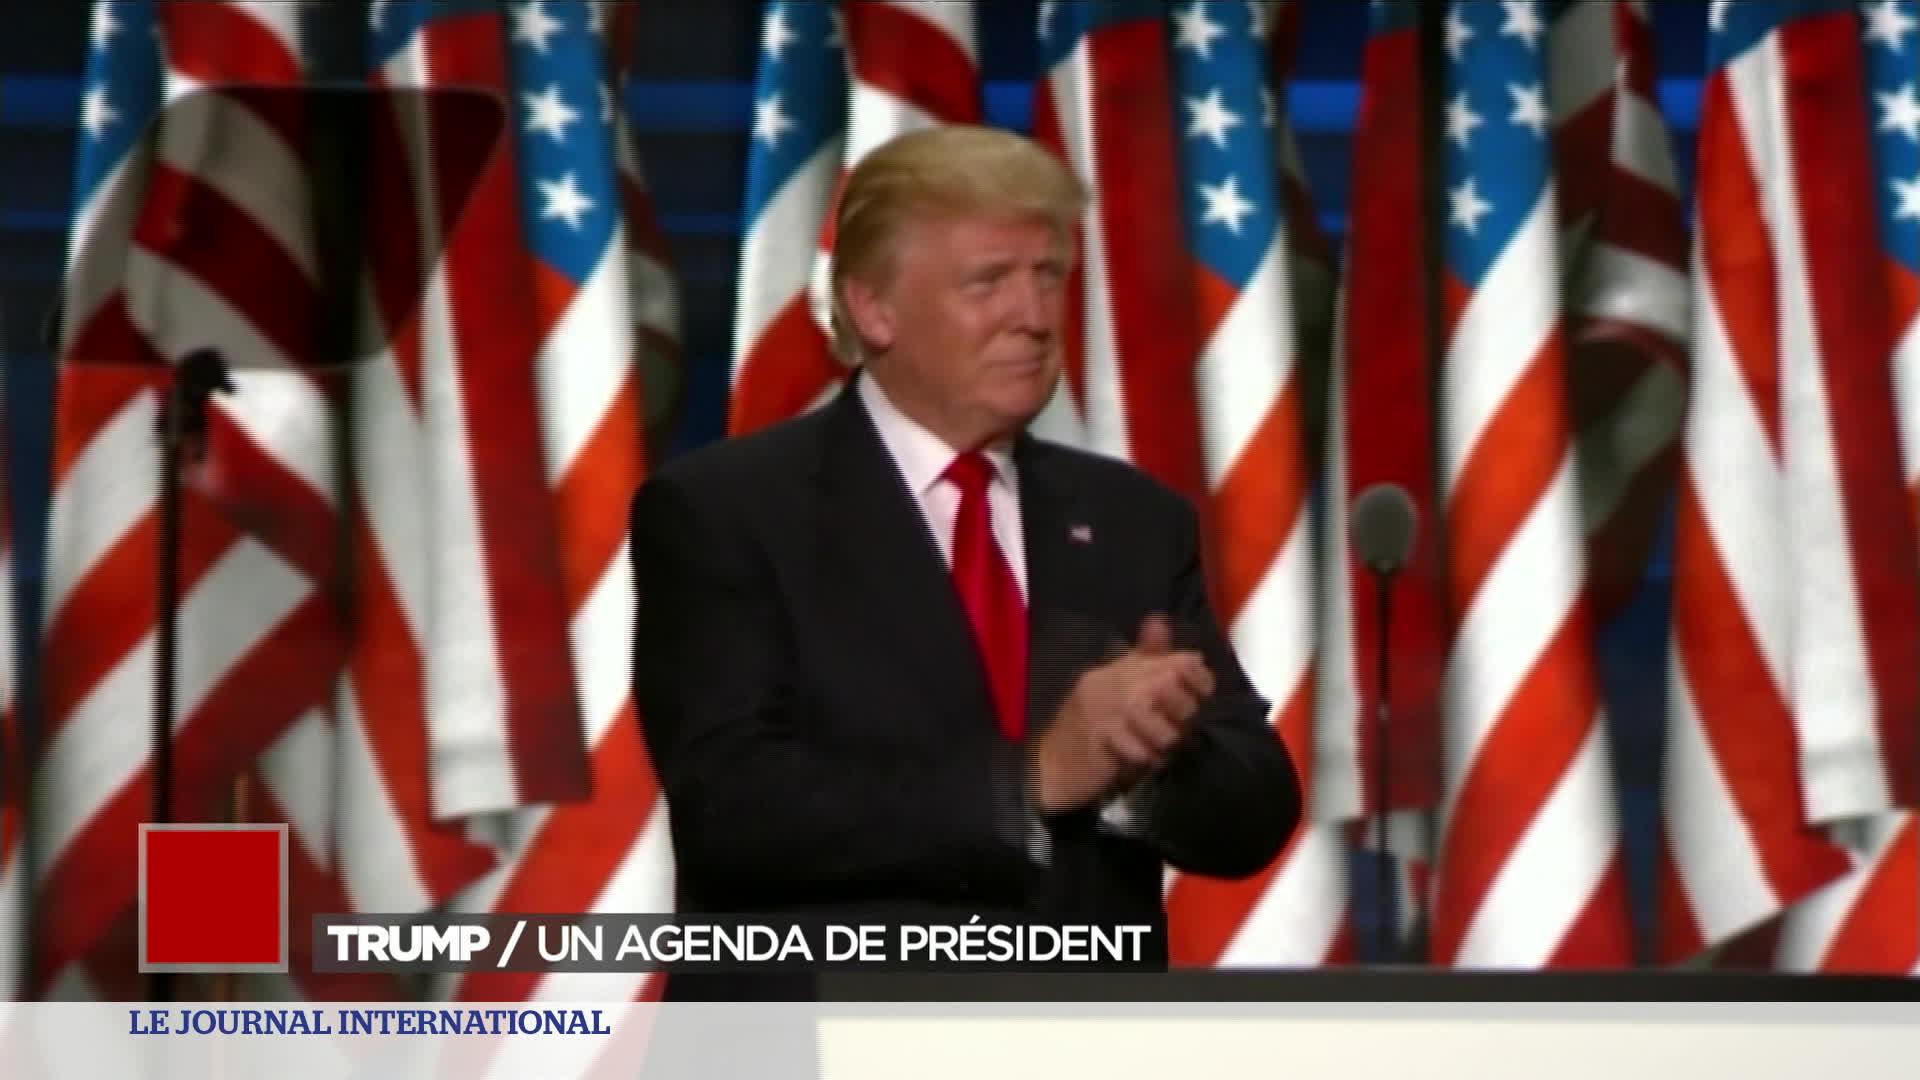 États-Unis : Le Congrès certifie l'élection de Donald Trump